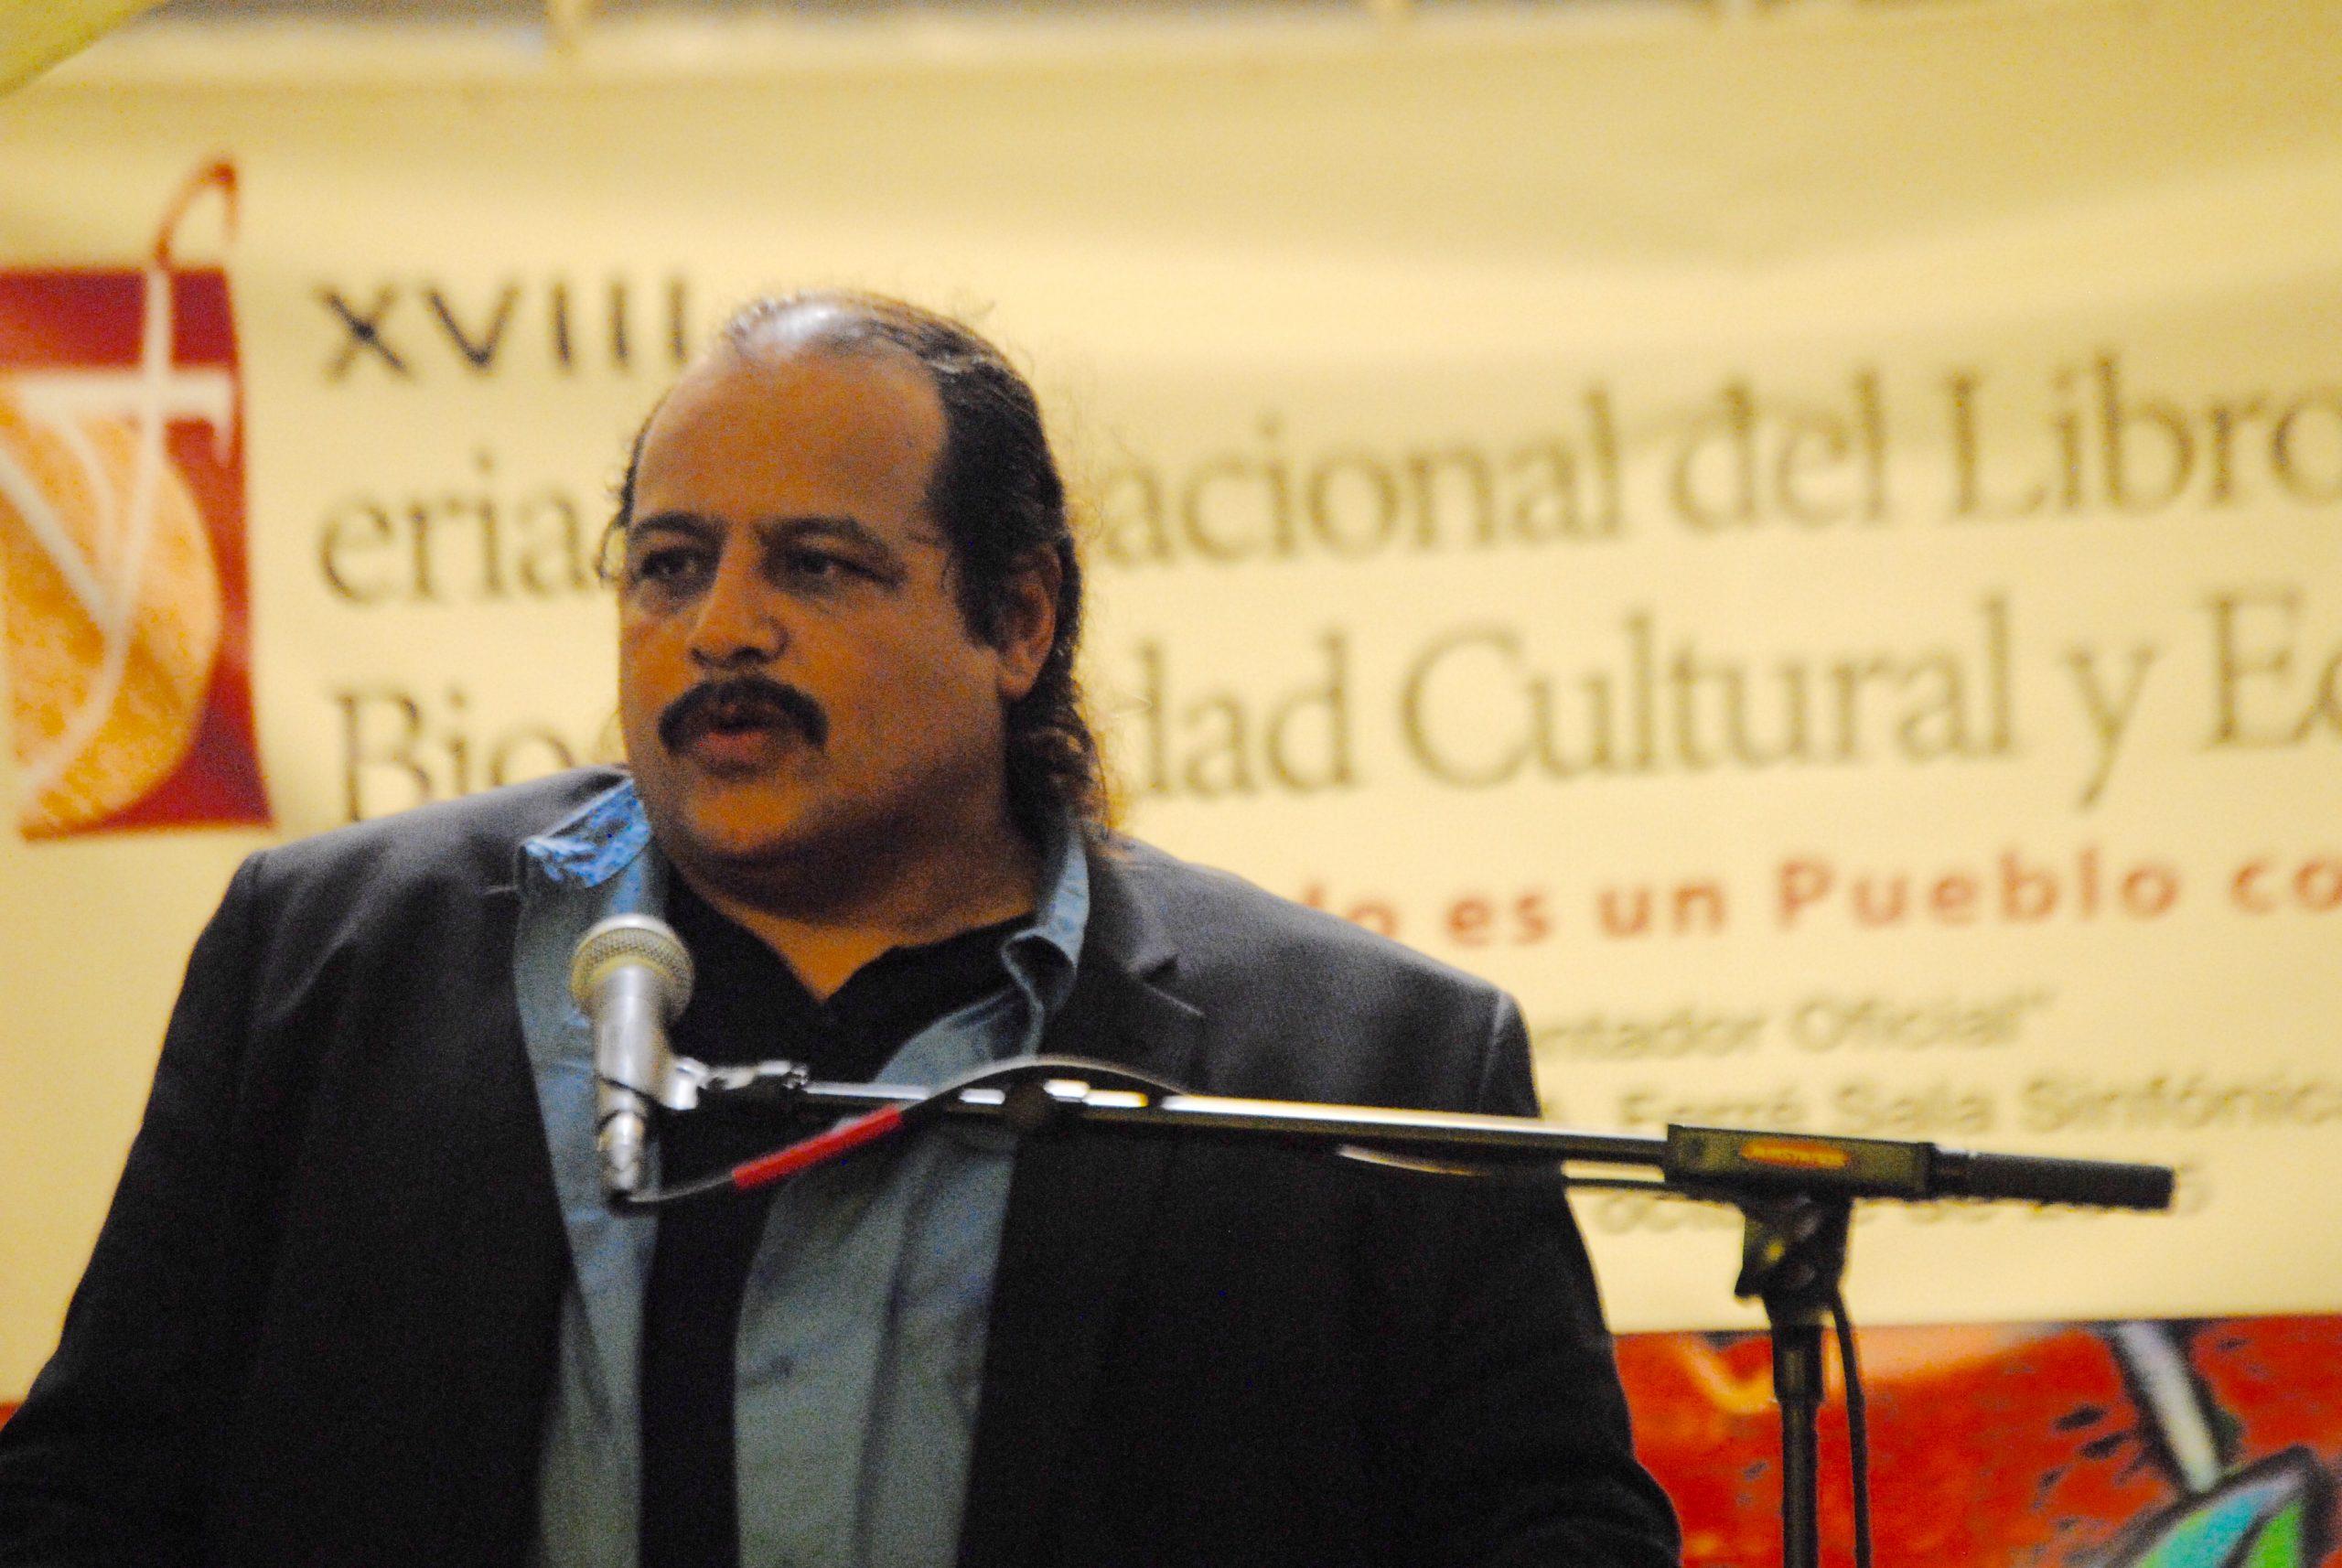 Vargas Vidot aceptó la distinción con un mensaje espontáneo lleno de sinceridad. (Foto Jaime Torres Torres para Fundación Nacional para la Cultura Popular)